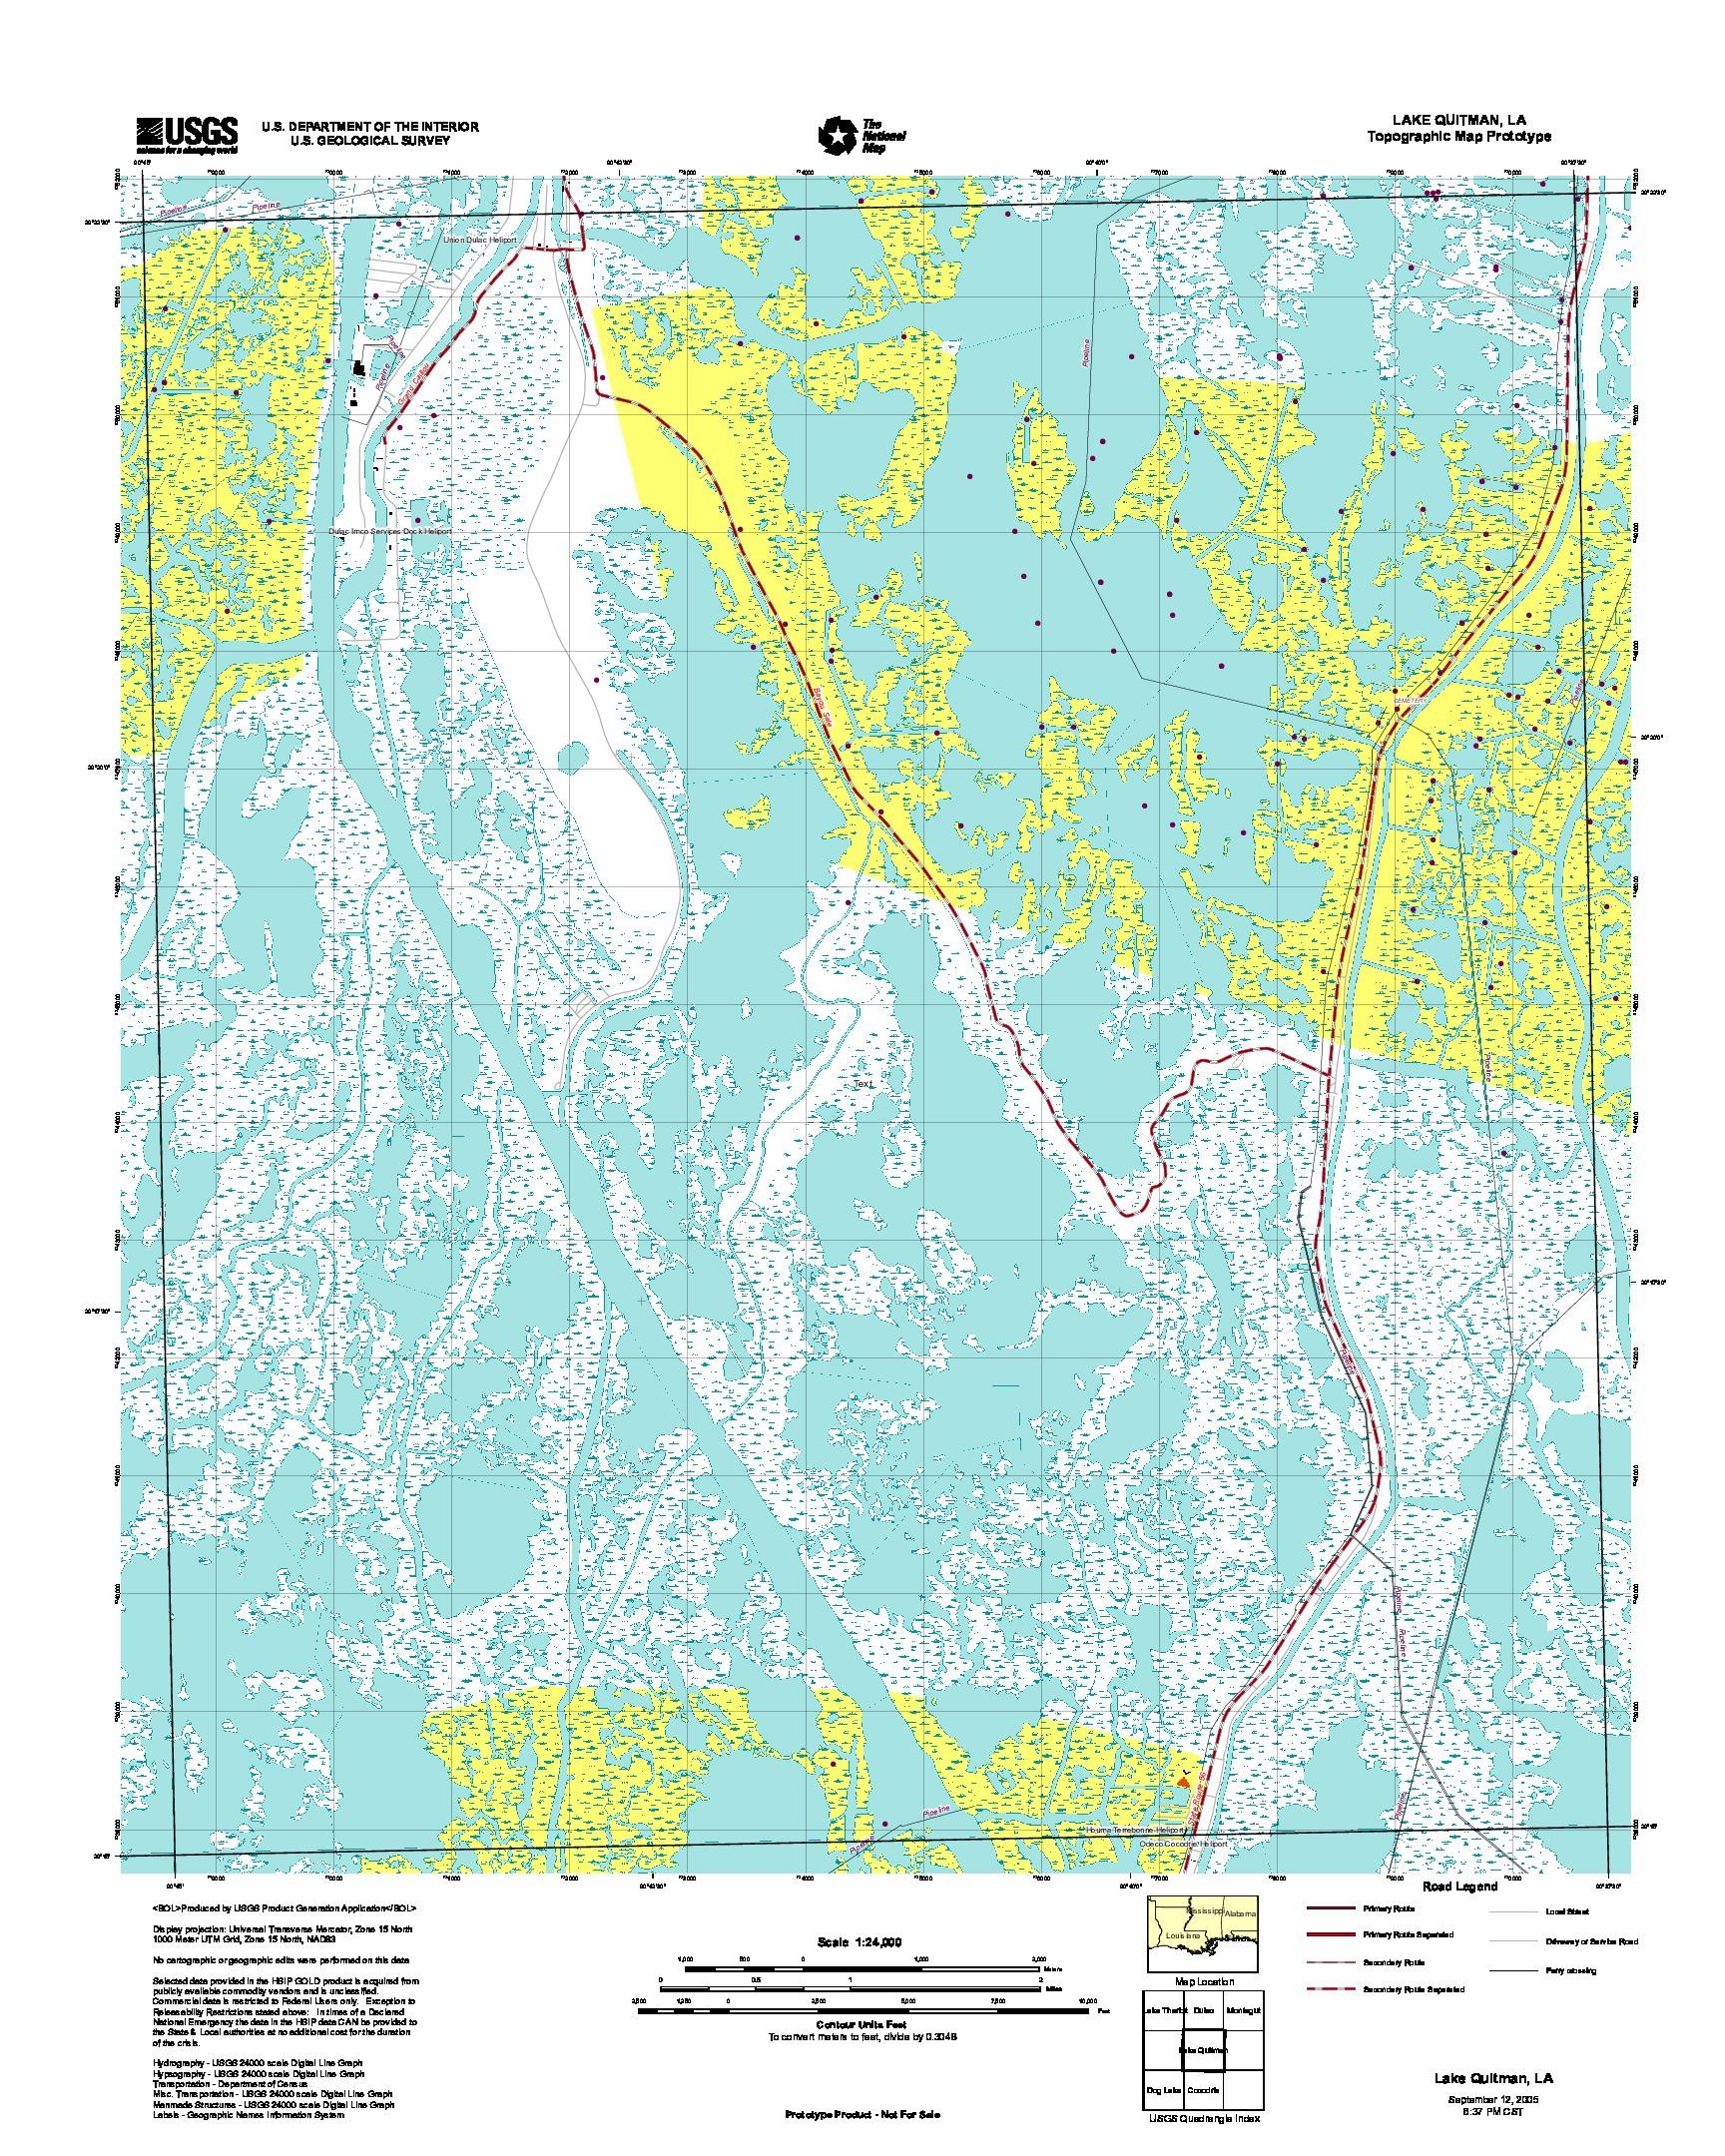 Prototipo de Mapa Topográfico de Lake Quitman, Luisiana, Estados Unidos, Septiembre 12, 2005